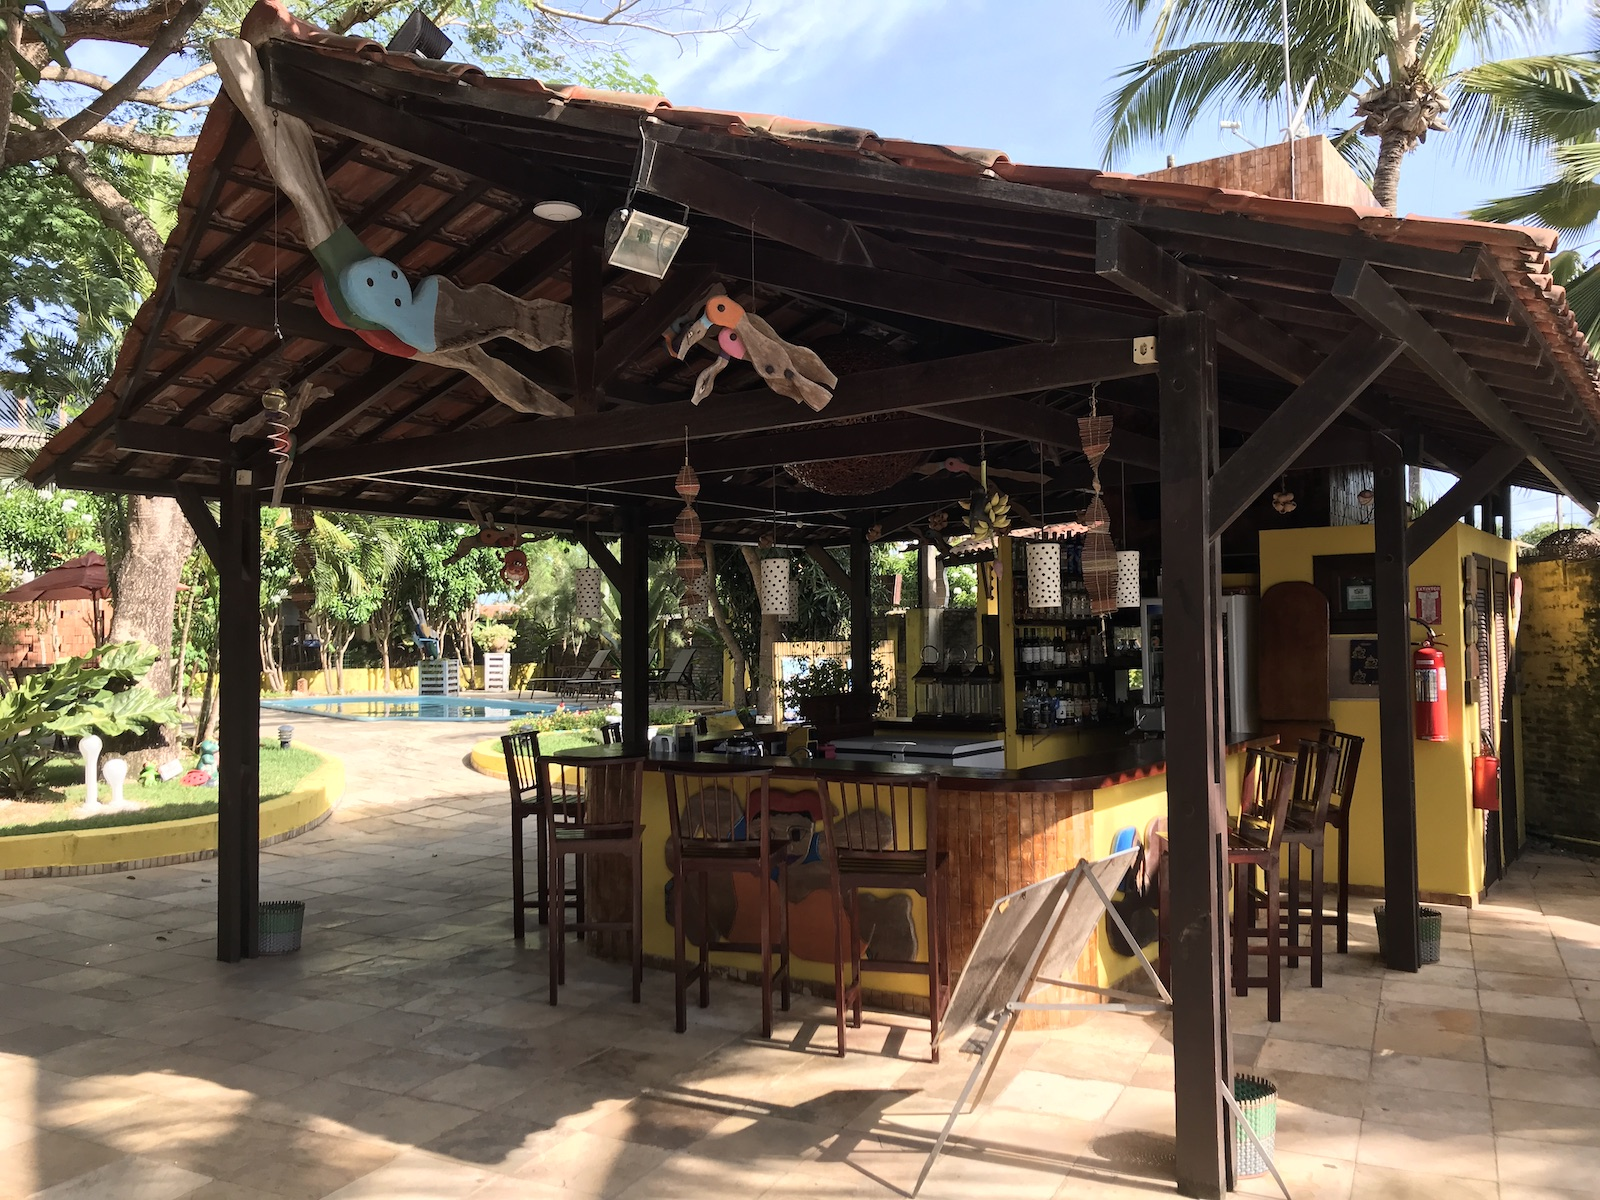 tourameo-reiseplanung-gruppenreise-brasilien-pipa-pousada